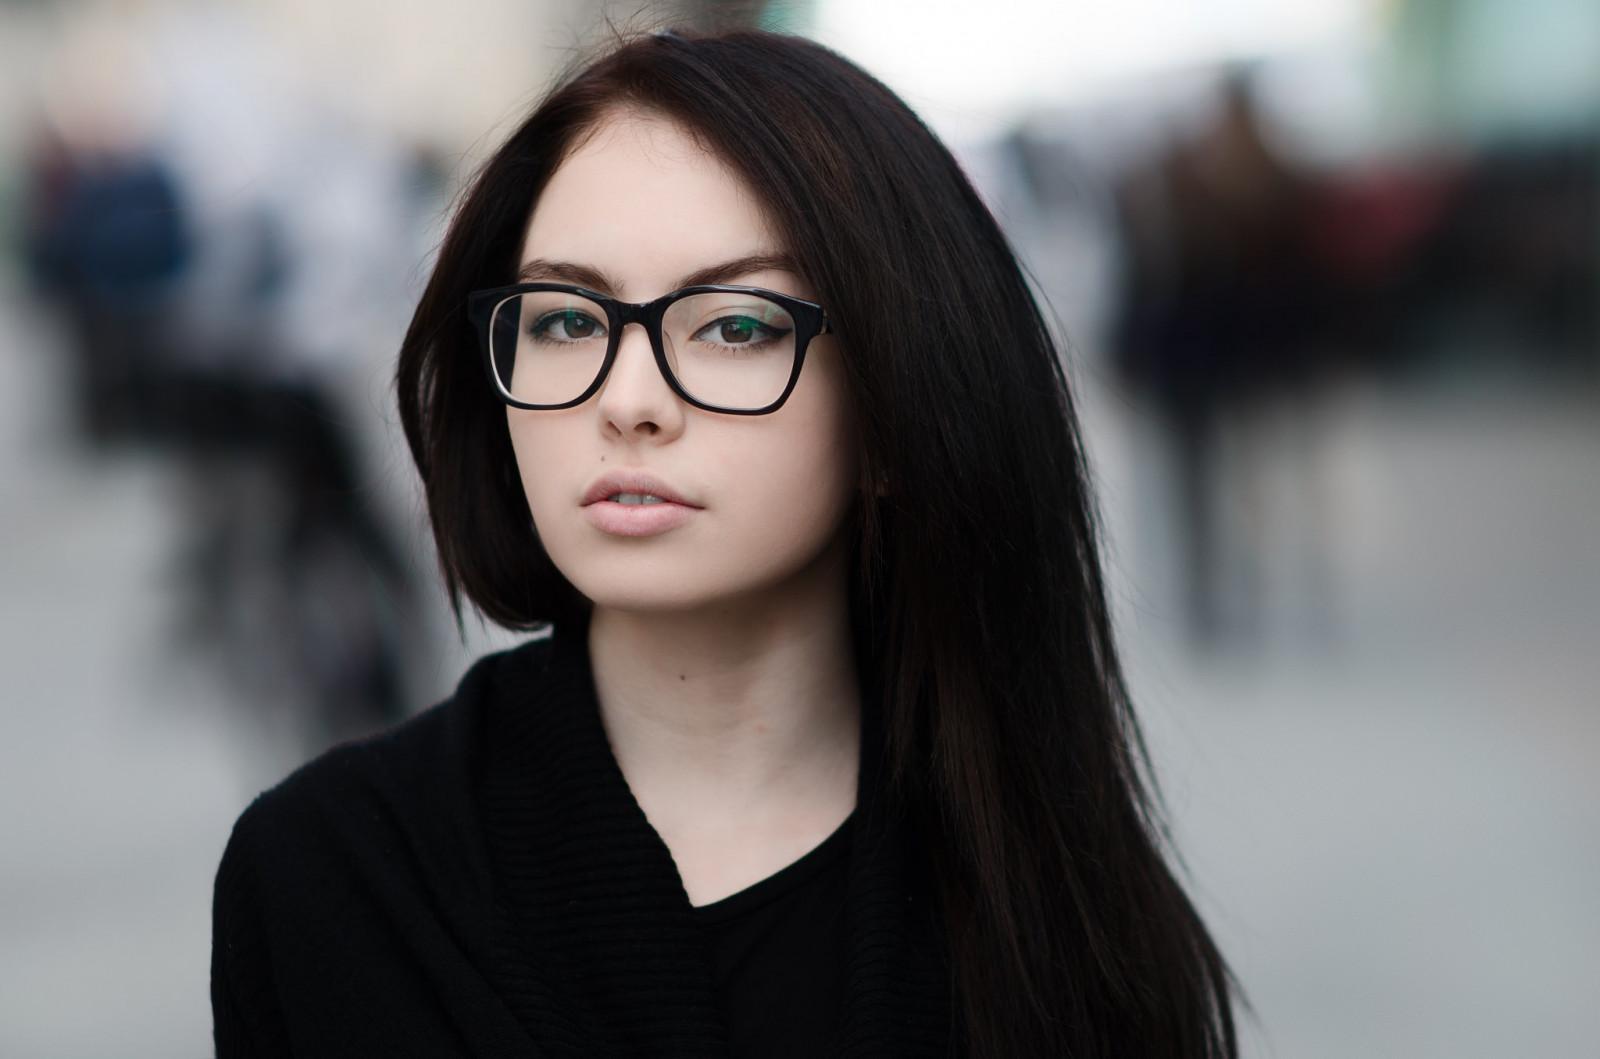 Картинки с очками для зрения красивые